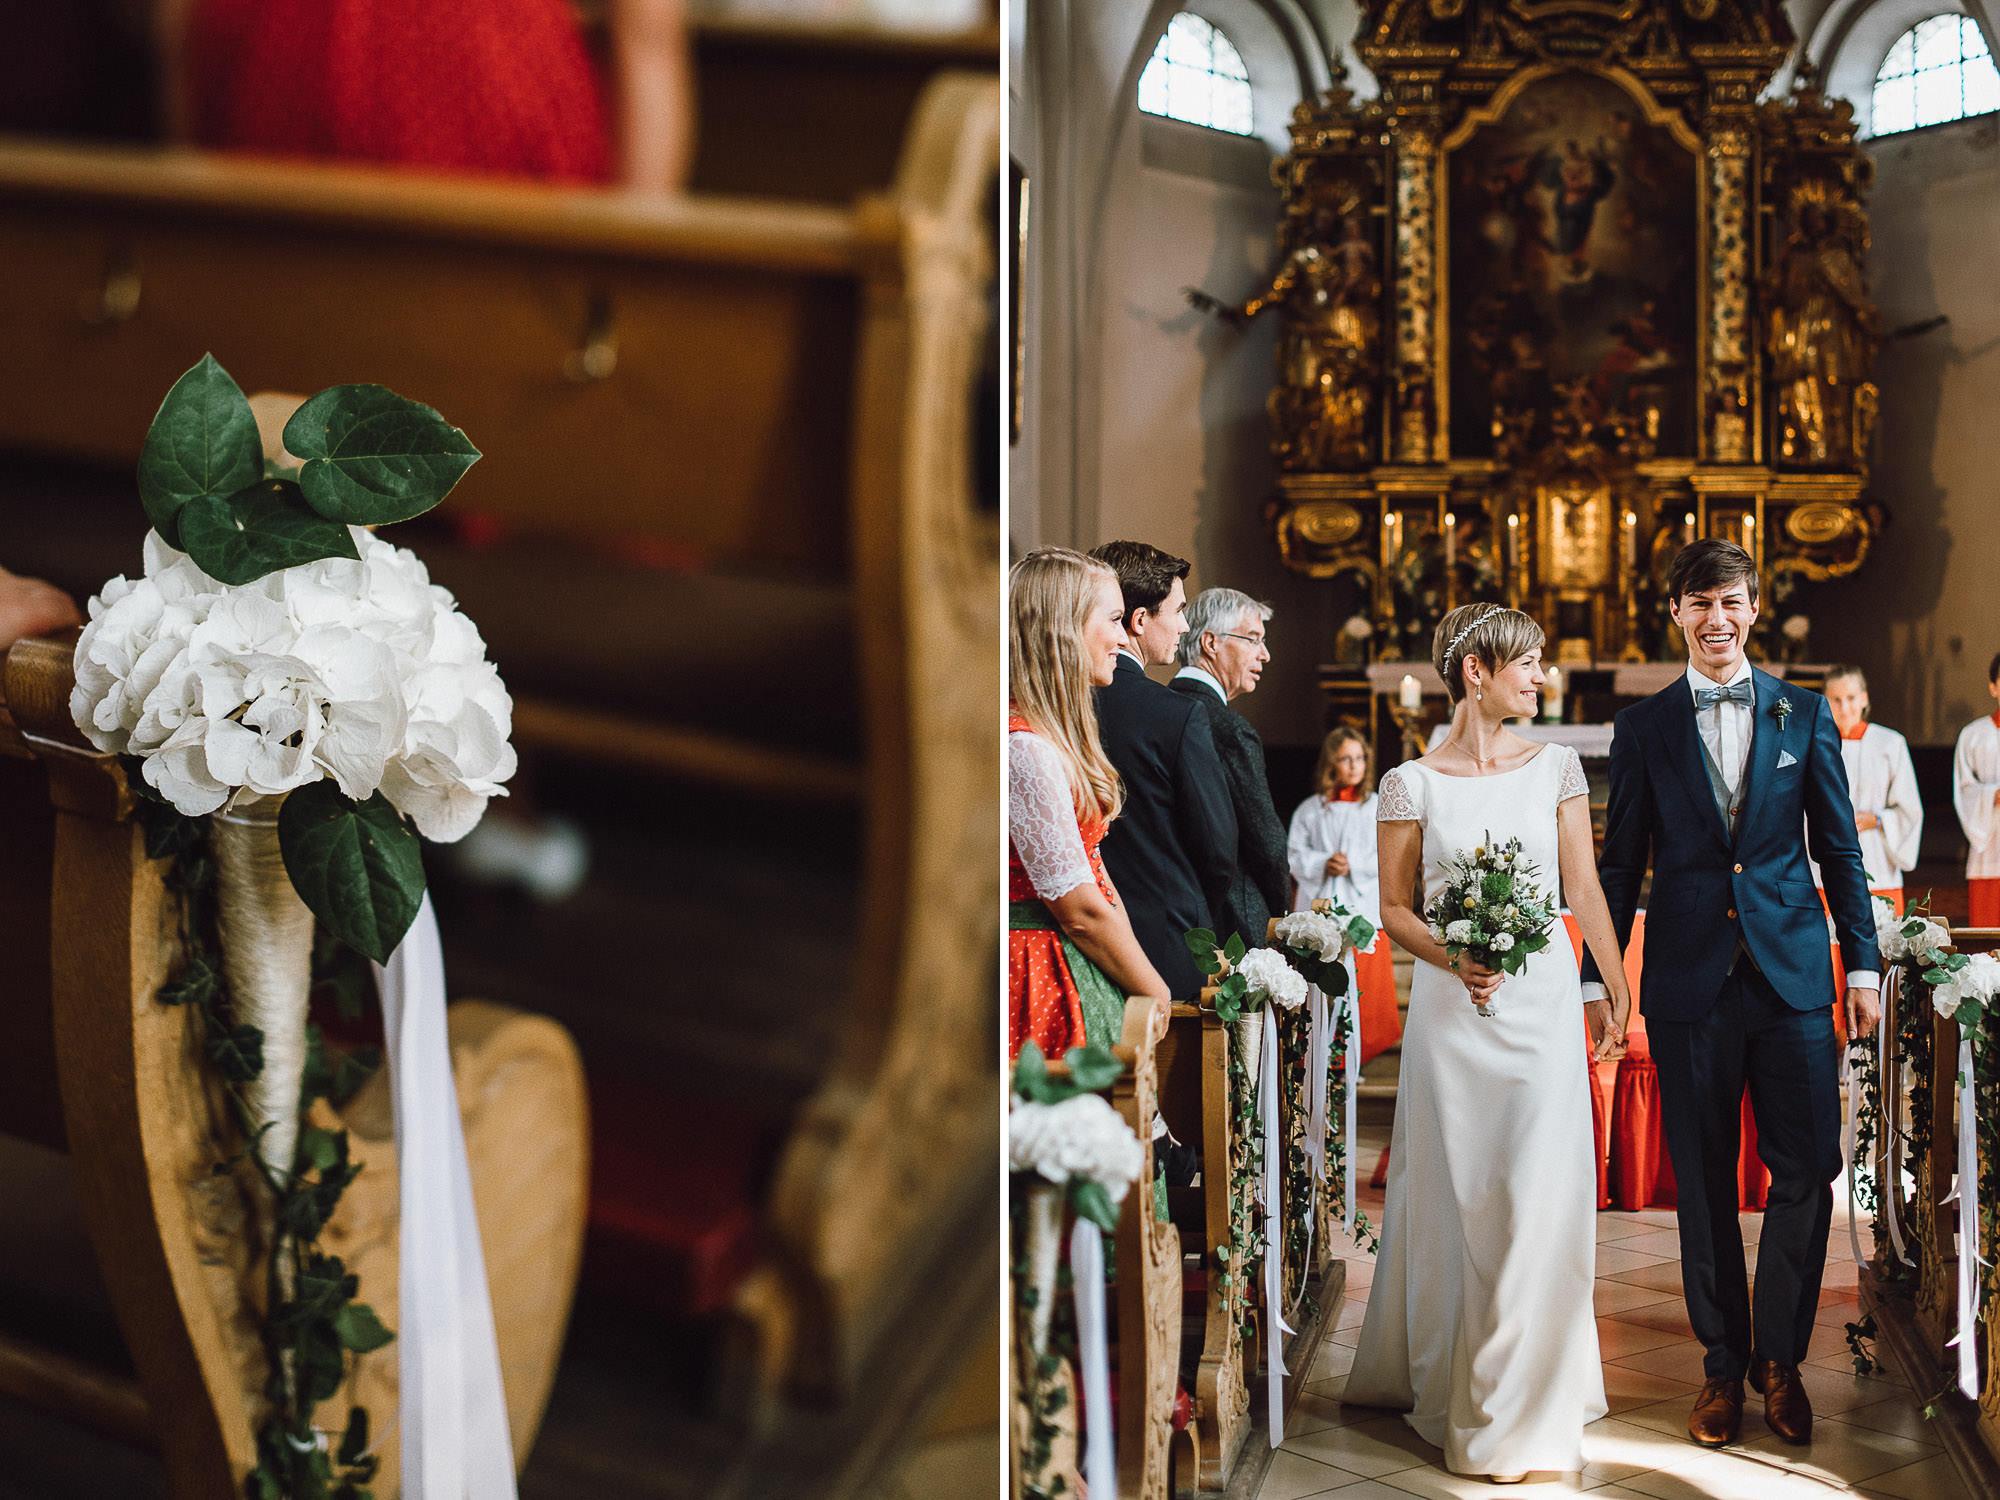 greenery-wedding-hochzeit-prielhof-sukkulenten-scheyern-lauraelenaphotography-052